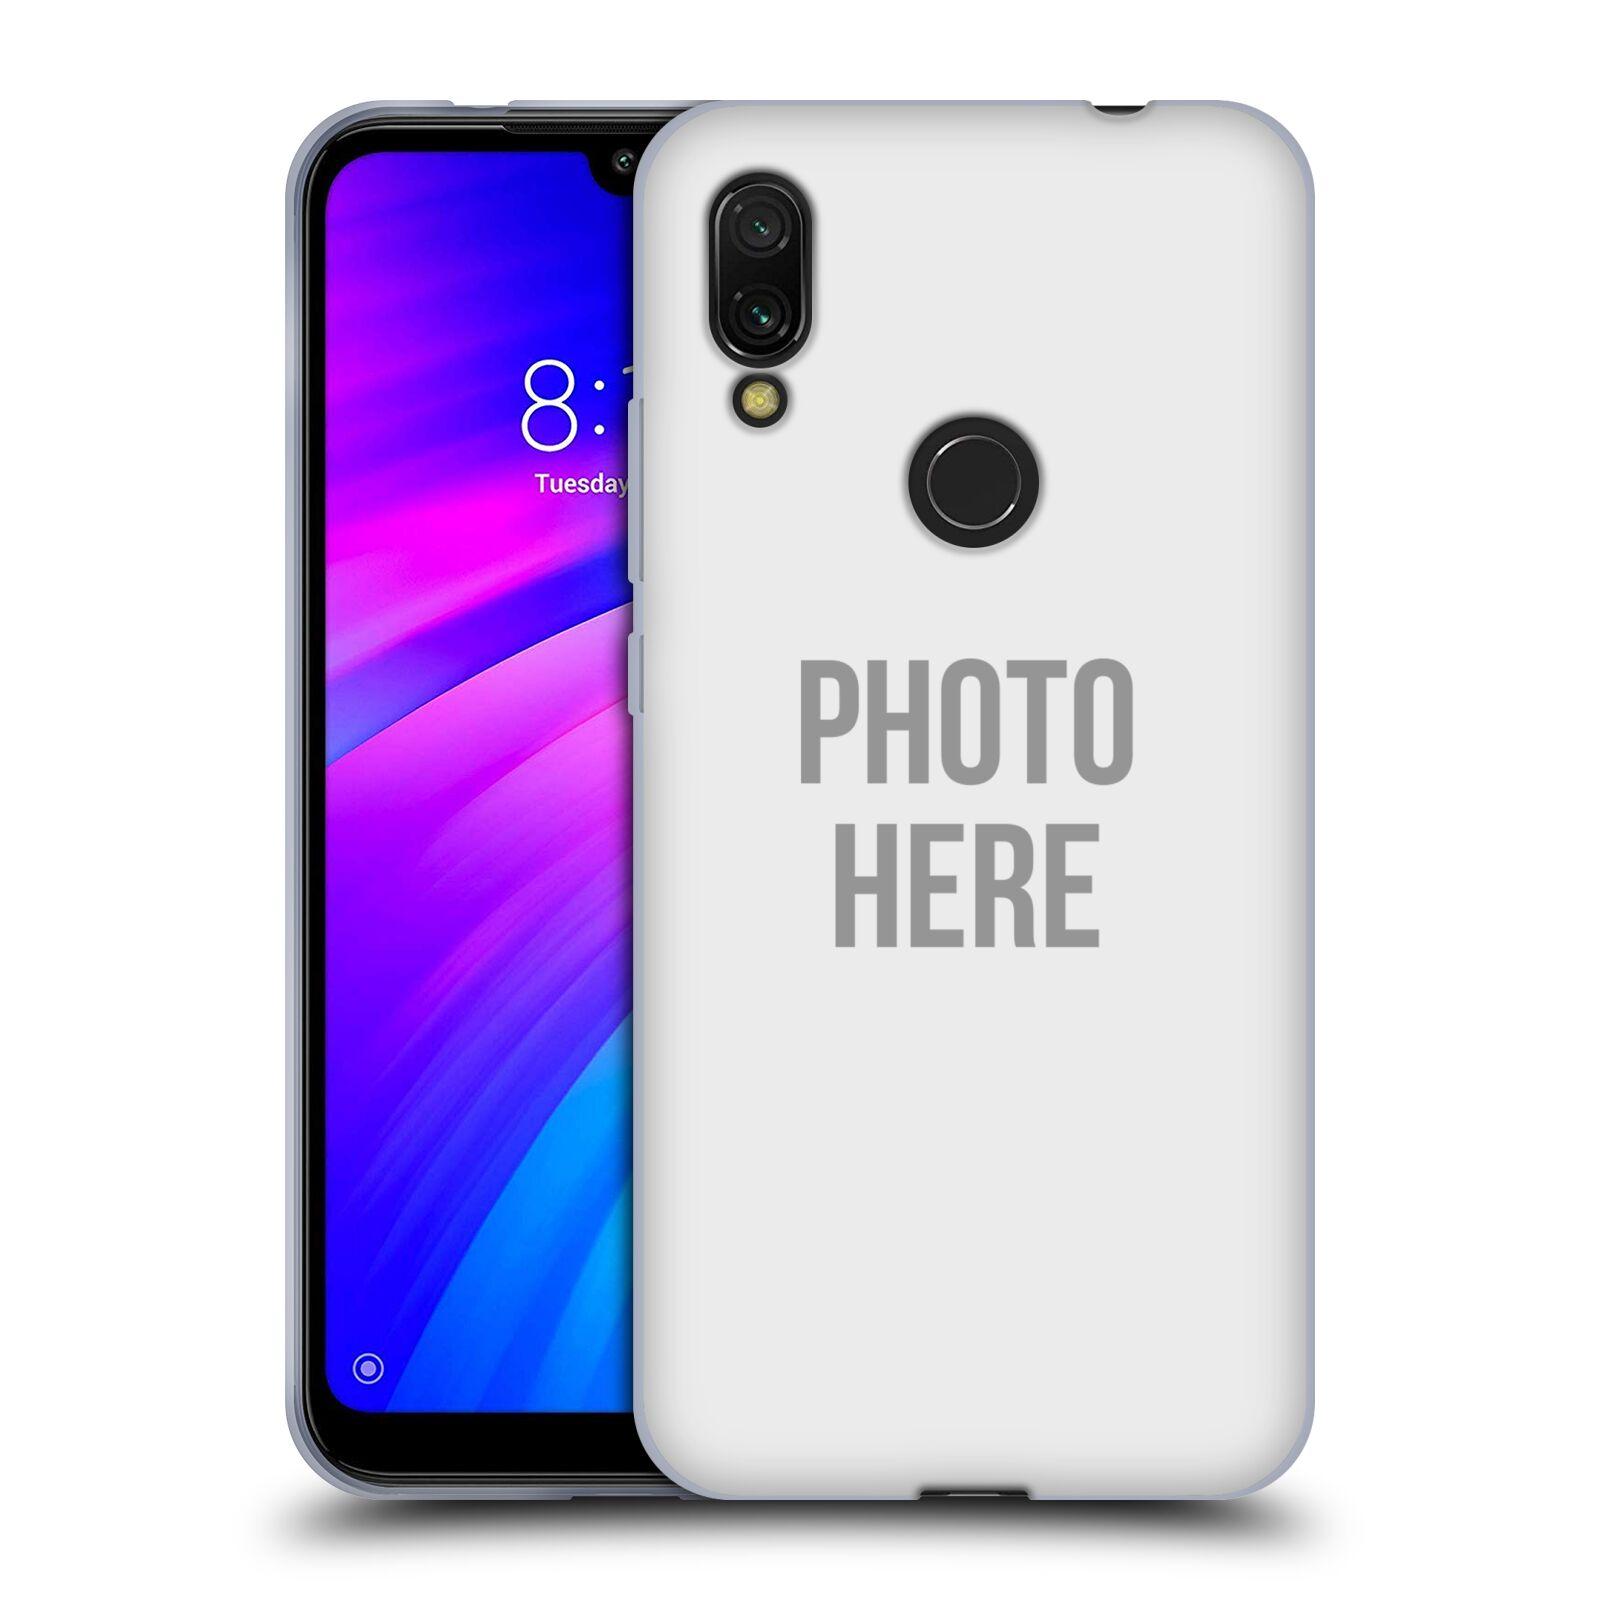 Silikonové pouzdro na mobil Xiaomi Redmi 7 - Head Case - s vlastním motivem